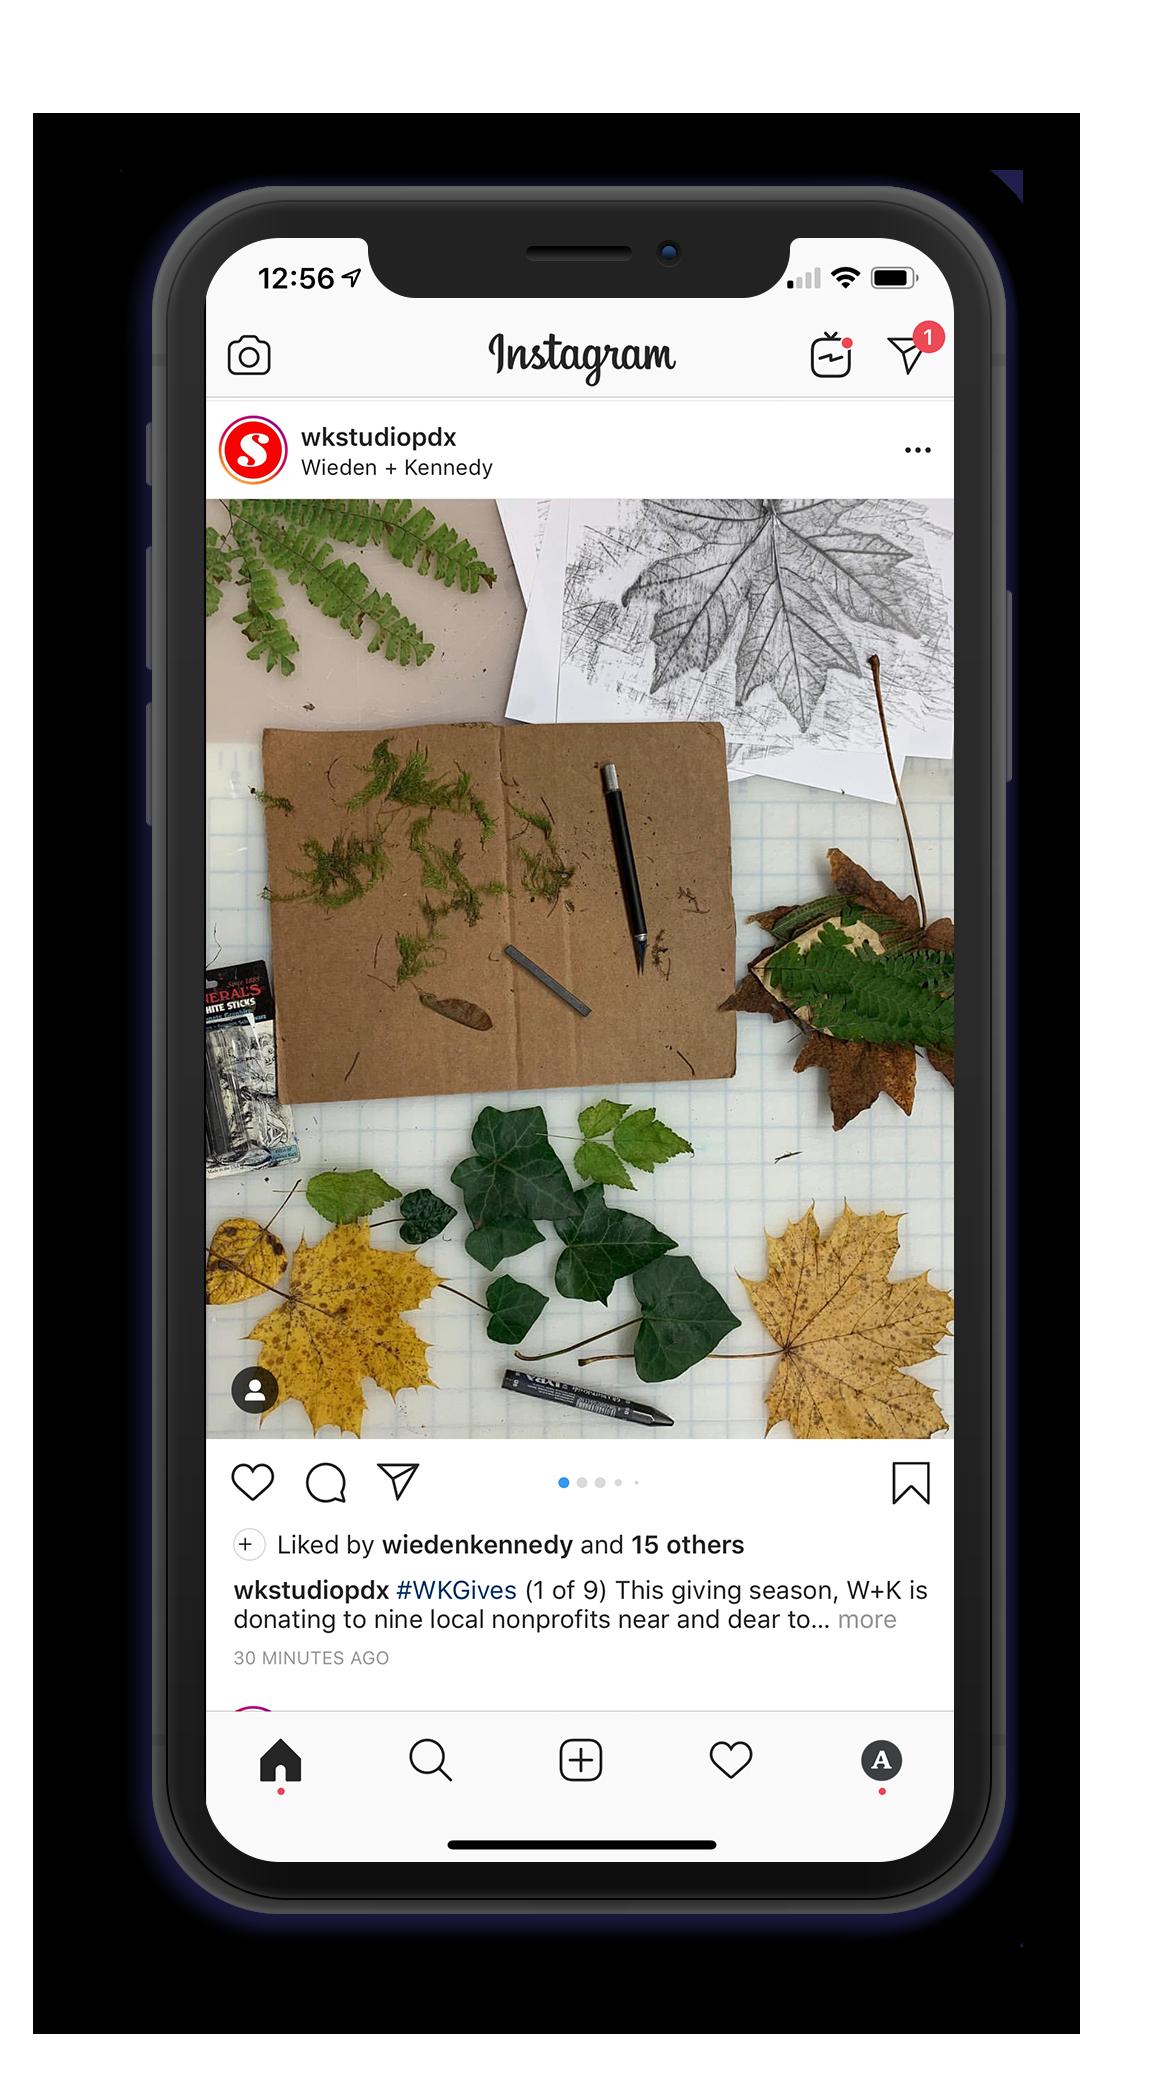 WK_gives_IG-mockupsStudio-Post.png